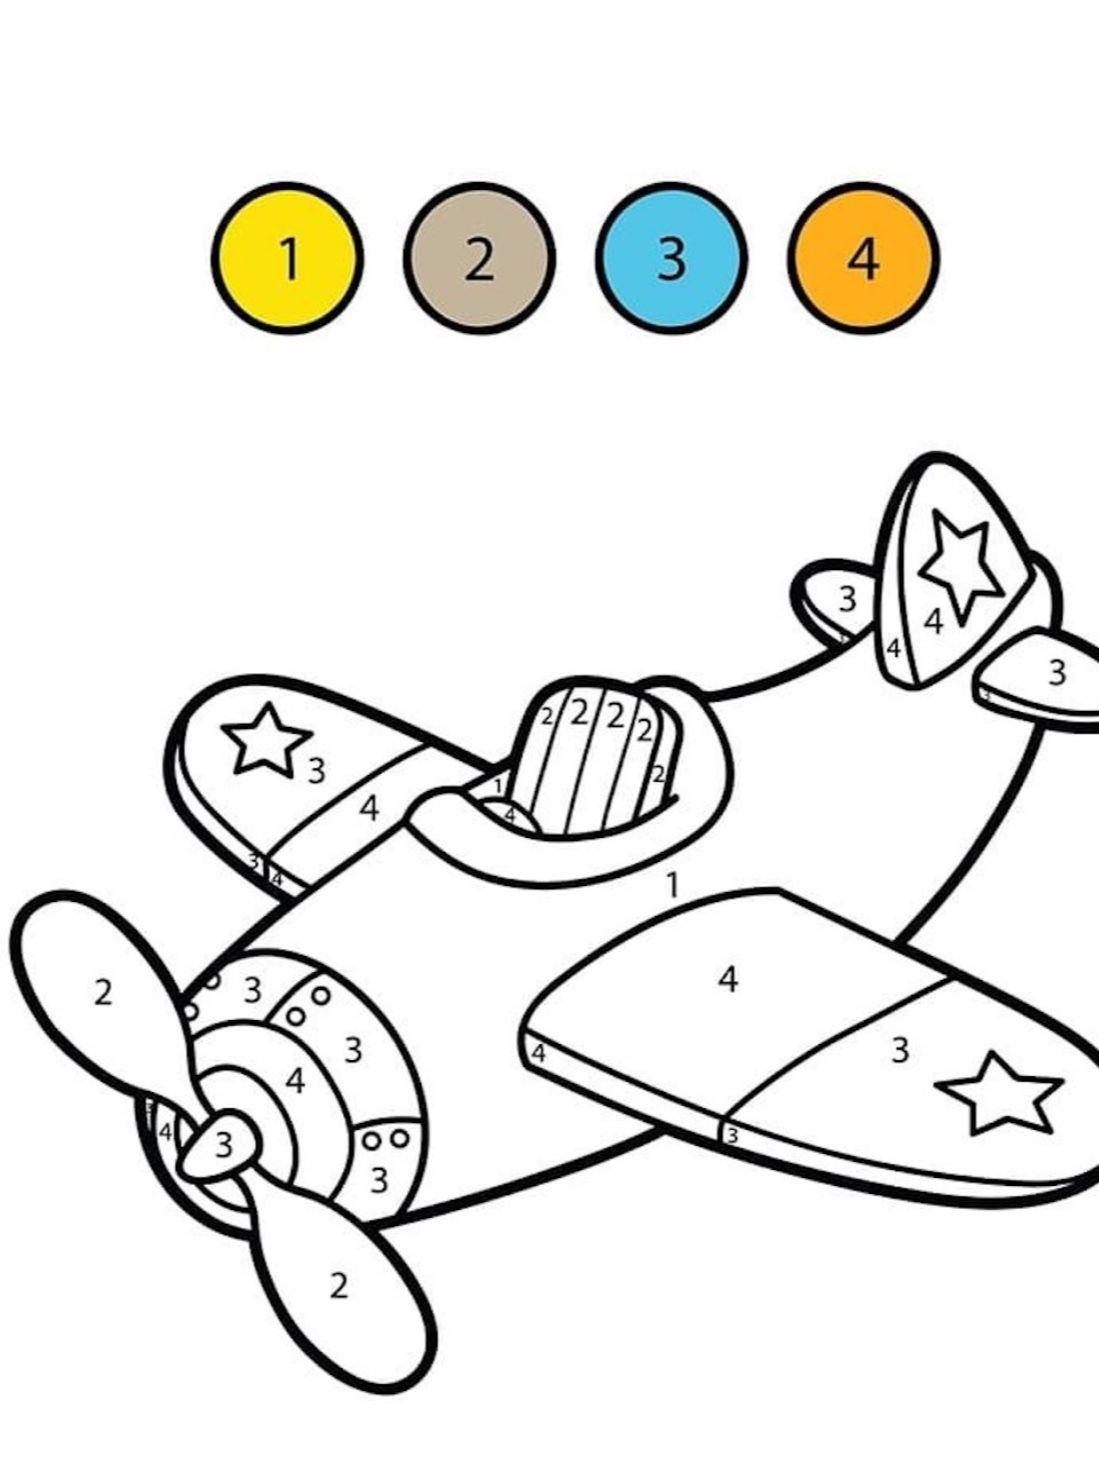 раскраски по номерам для мальчиков раскраски детские раскраски раскраска по цифрам